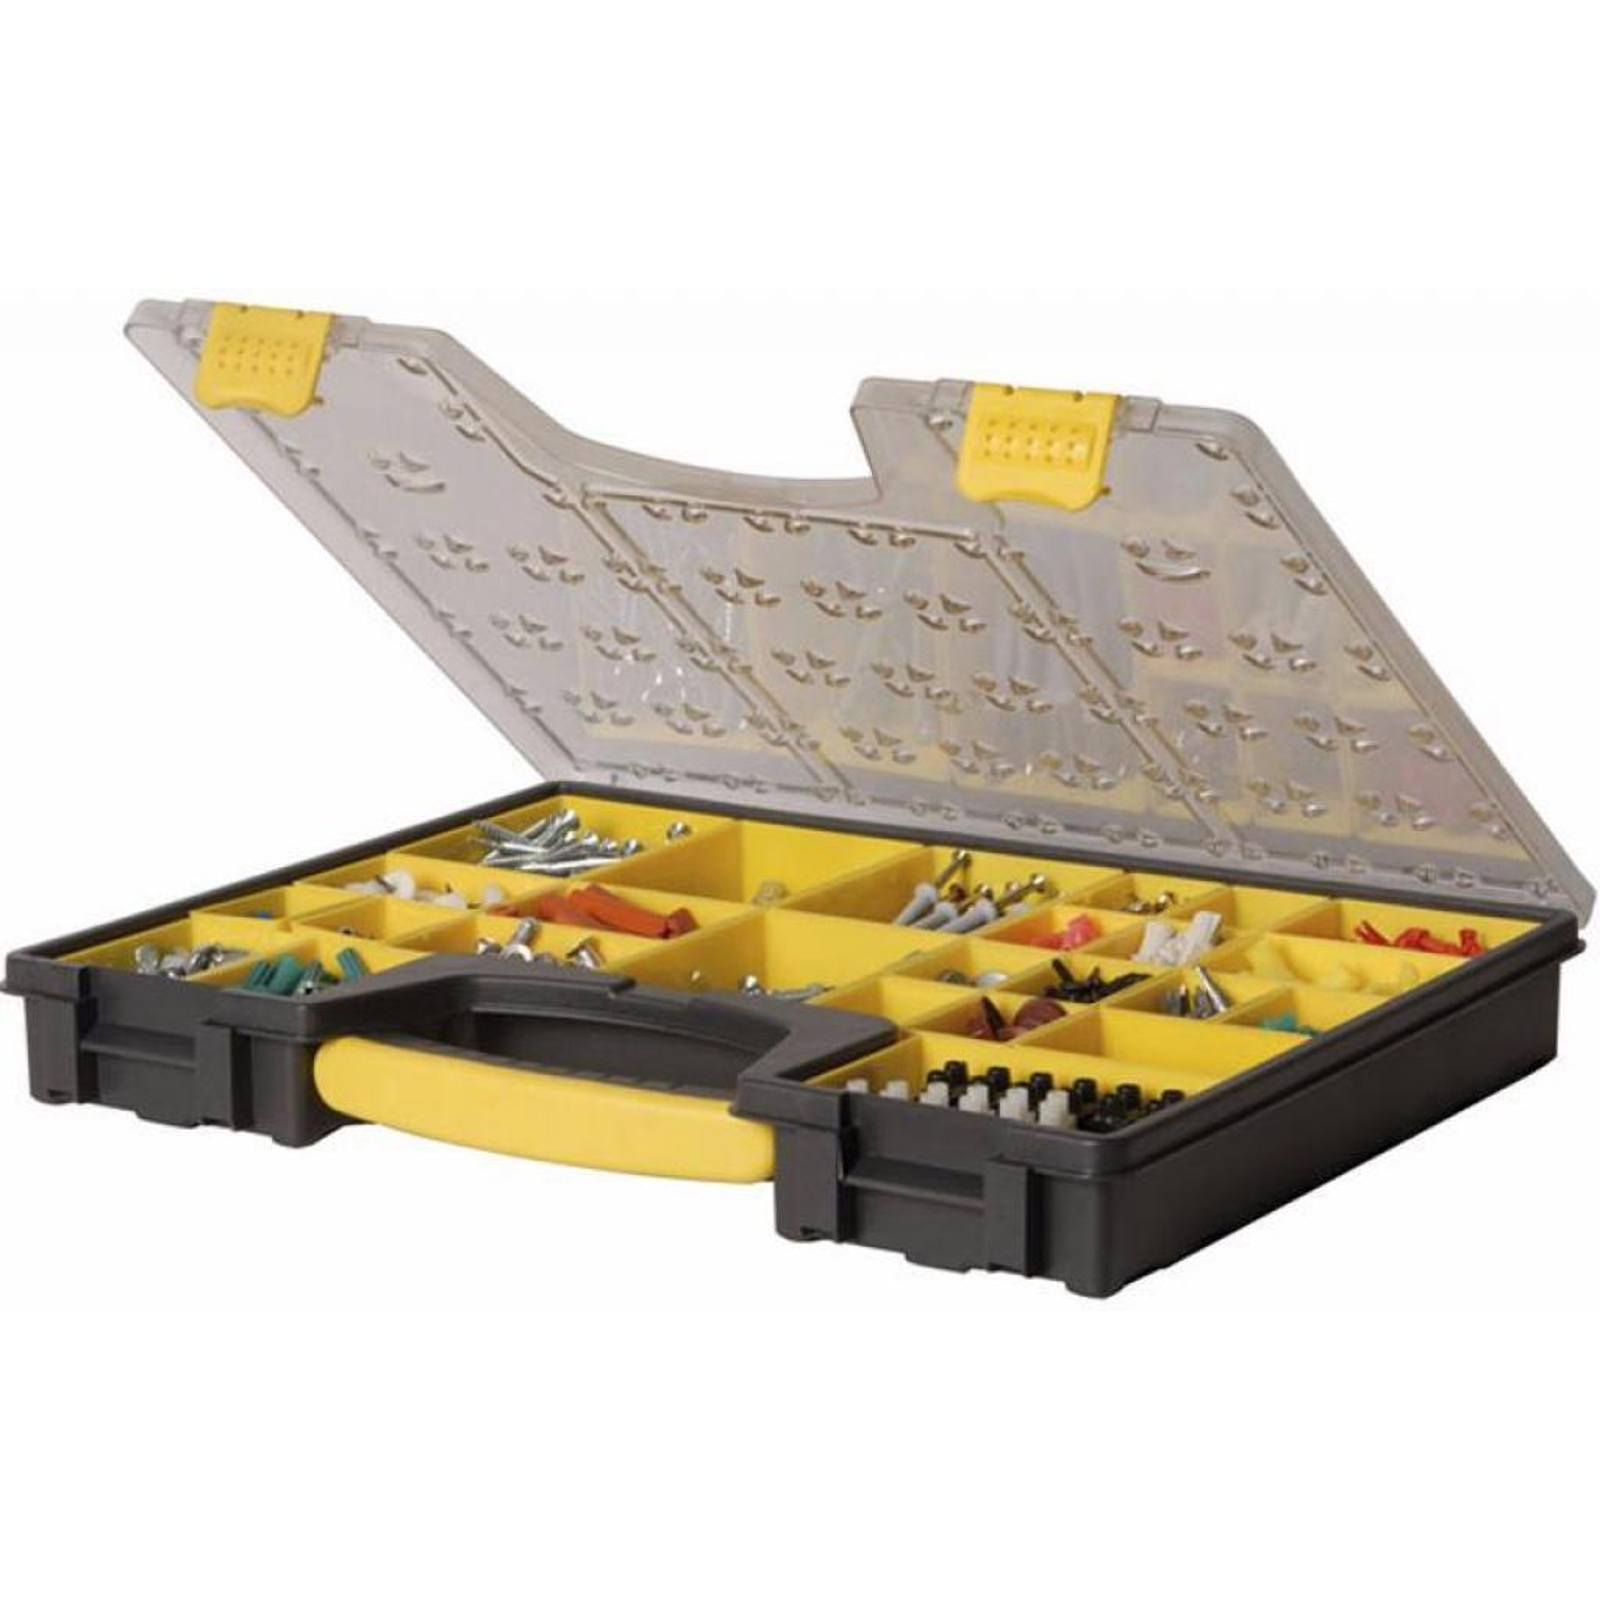 Ящик для инструментов Stanley органайзер профессиональный (422х52х334 мм) (1-92-748) изображение 4